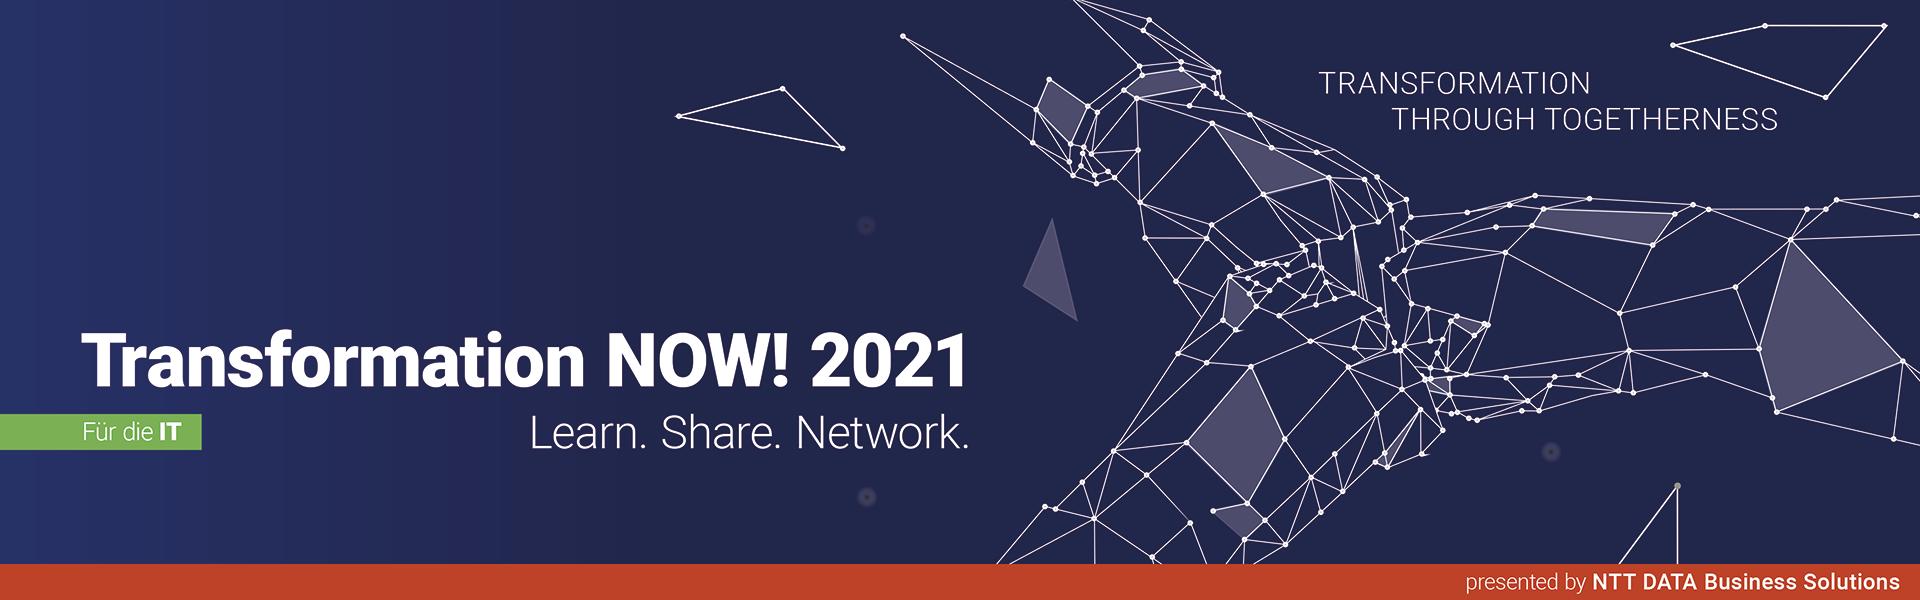 Transformation  NOW! 2021 für die IT